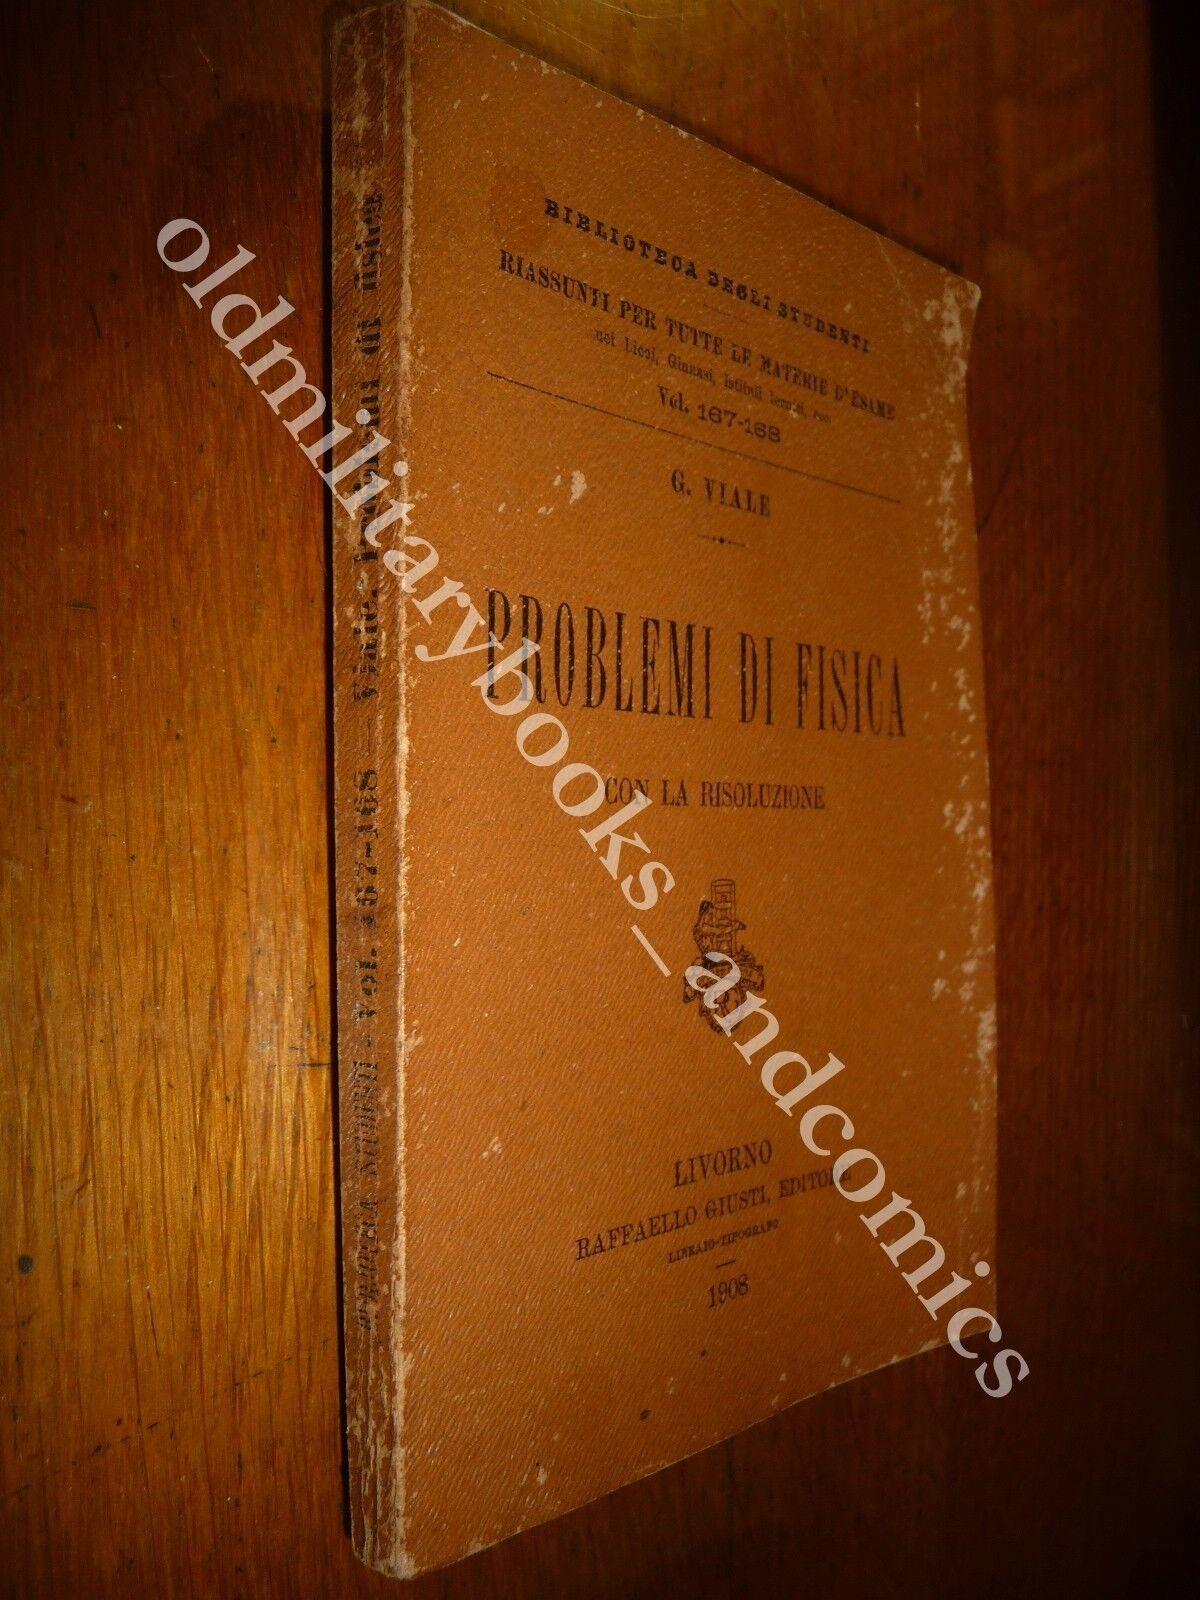 PROBLEMI DI FISICA G. VIALE 1908 I^ Ed. BIBLIOTECA DEGLI STUDENTI